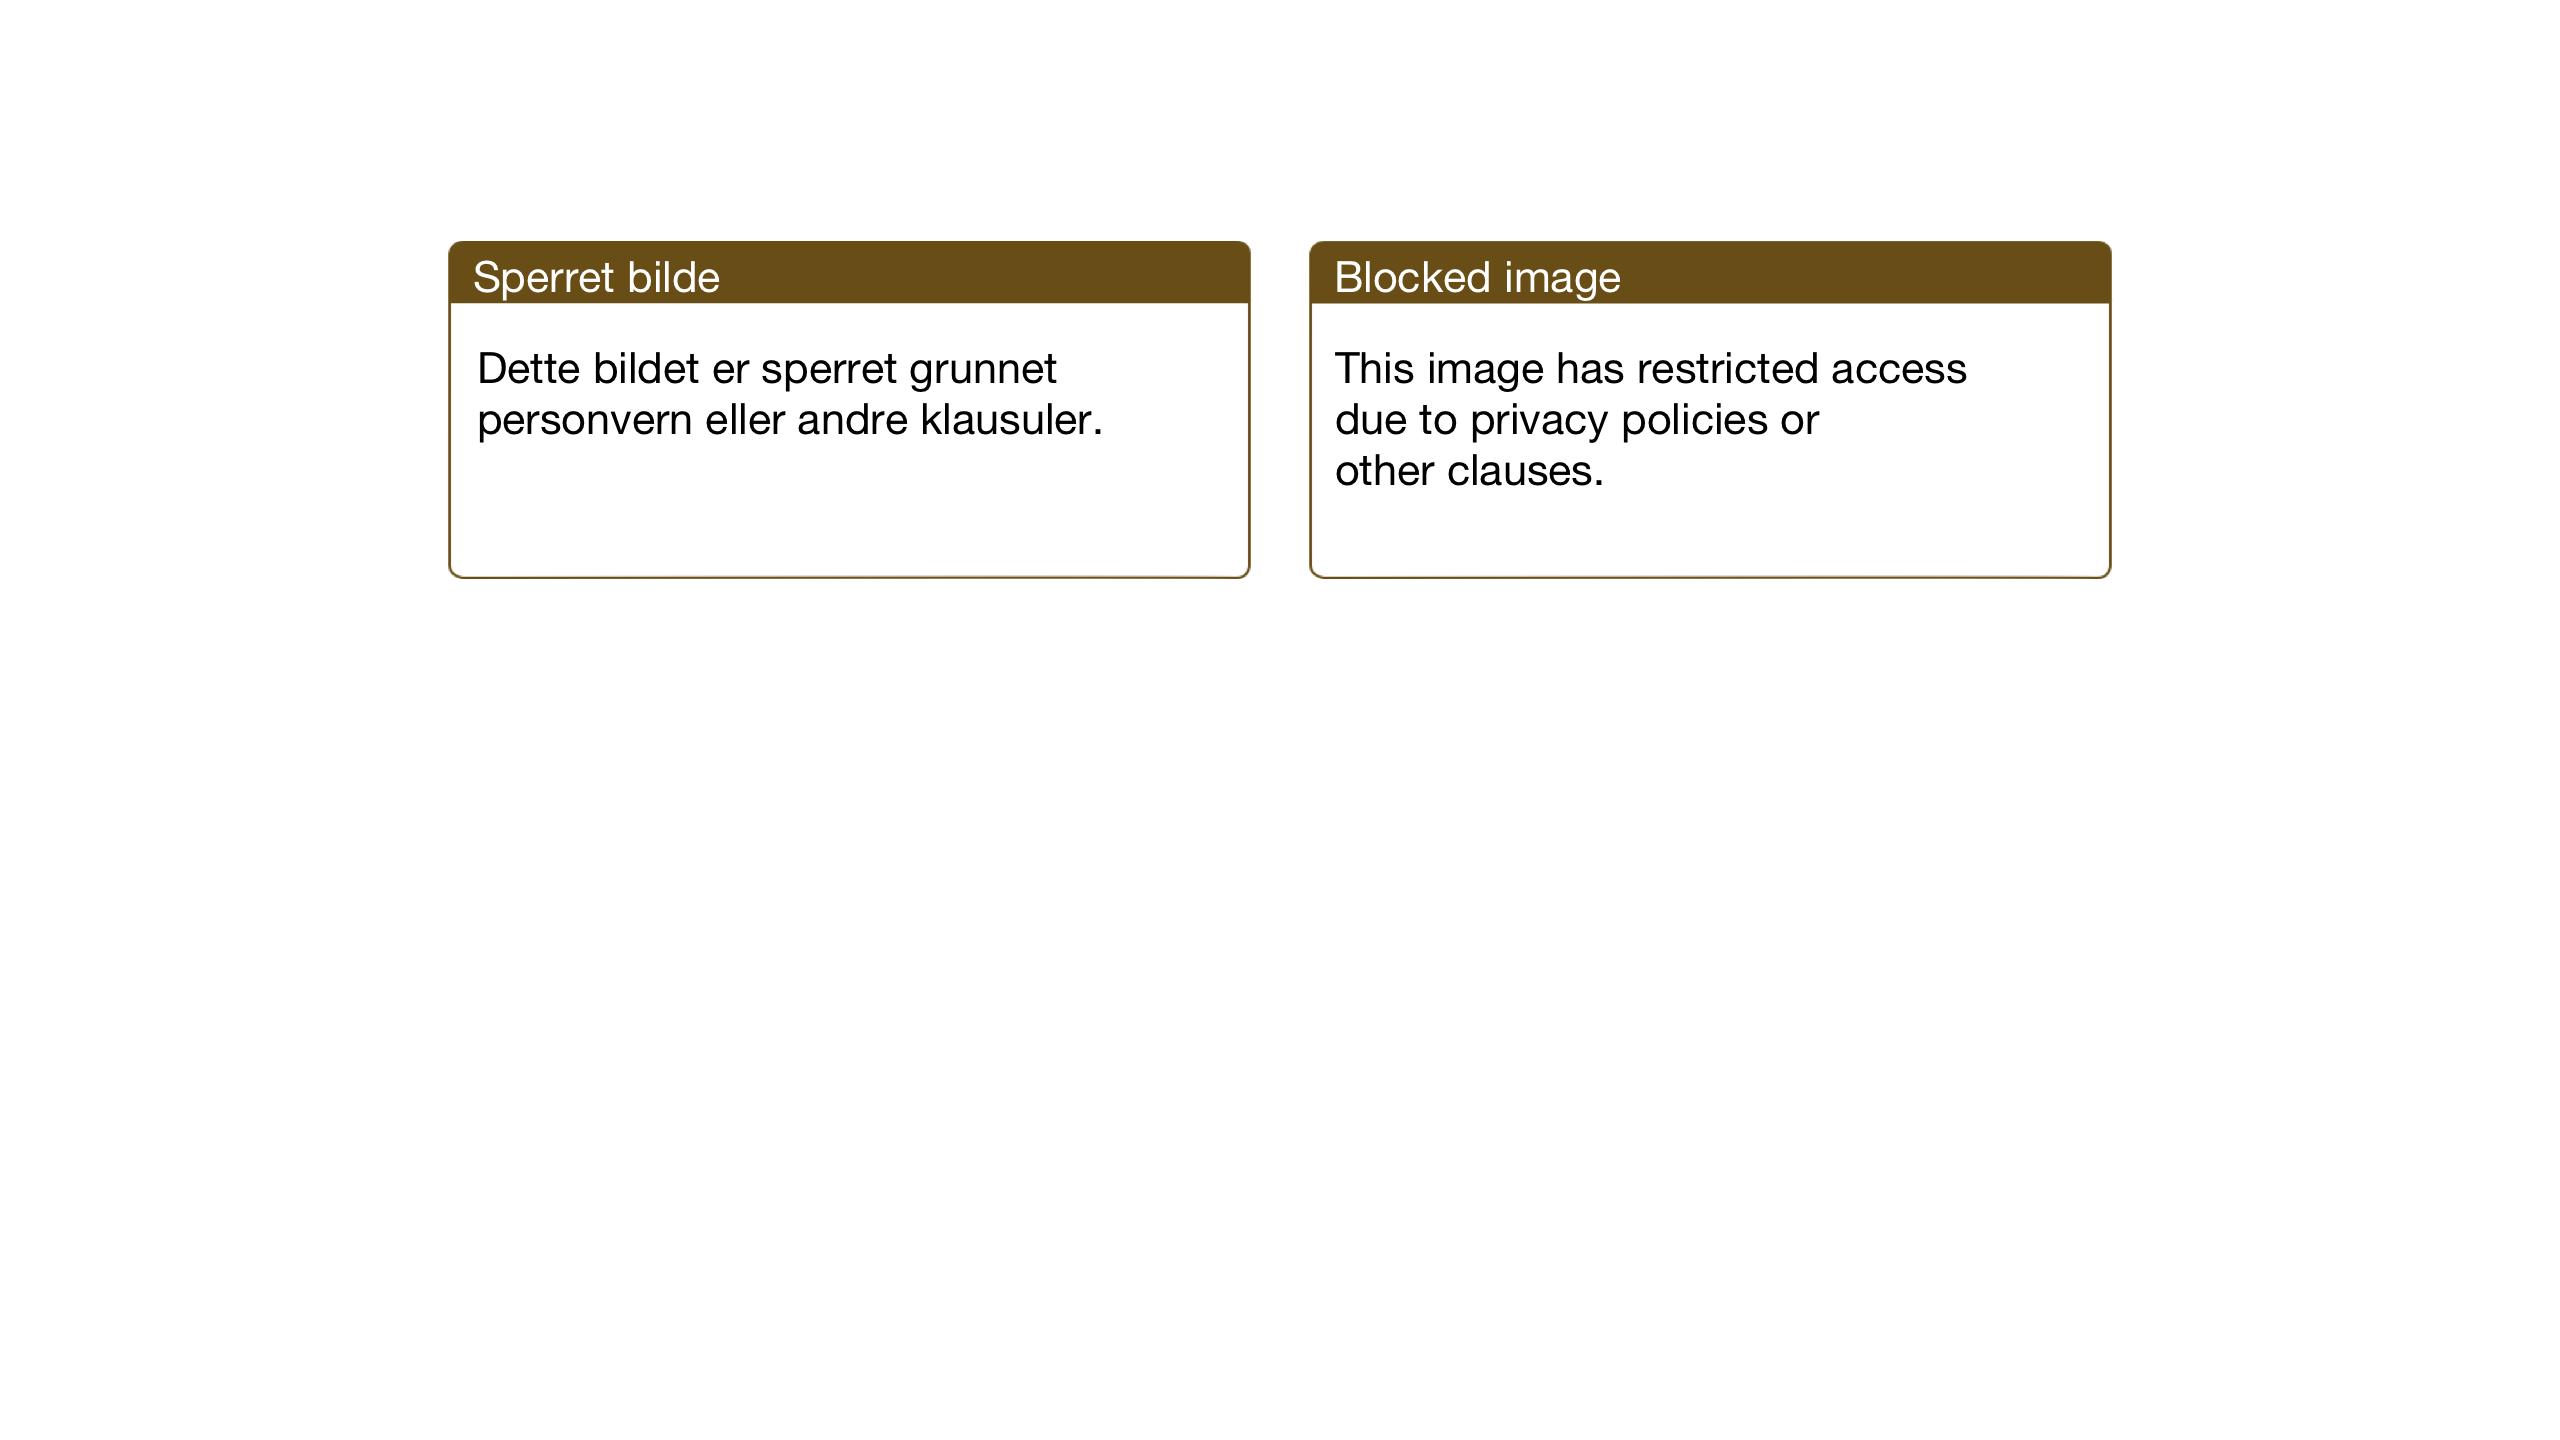 SAT, Ministerialprotokoller, klokkerbøker og fødselsregistre - Sør-Trøndelag, 635/L0554: Klokkerbok nr. 635C02, 1919-1942, s. 53